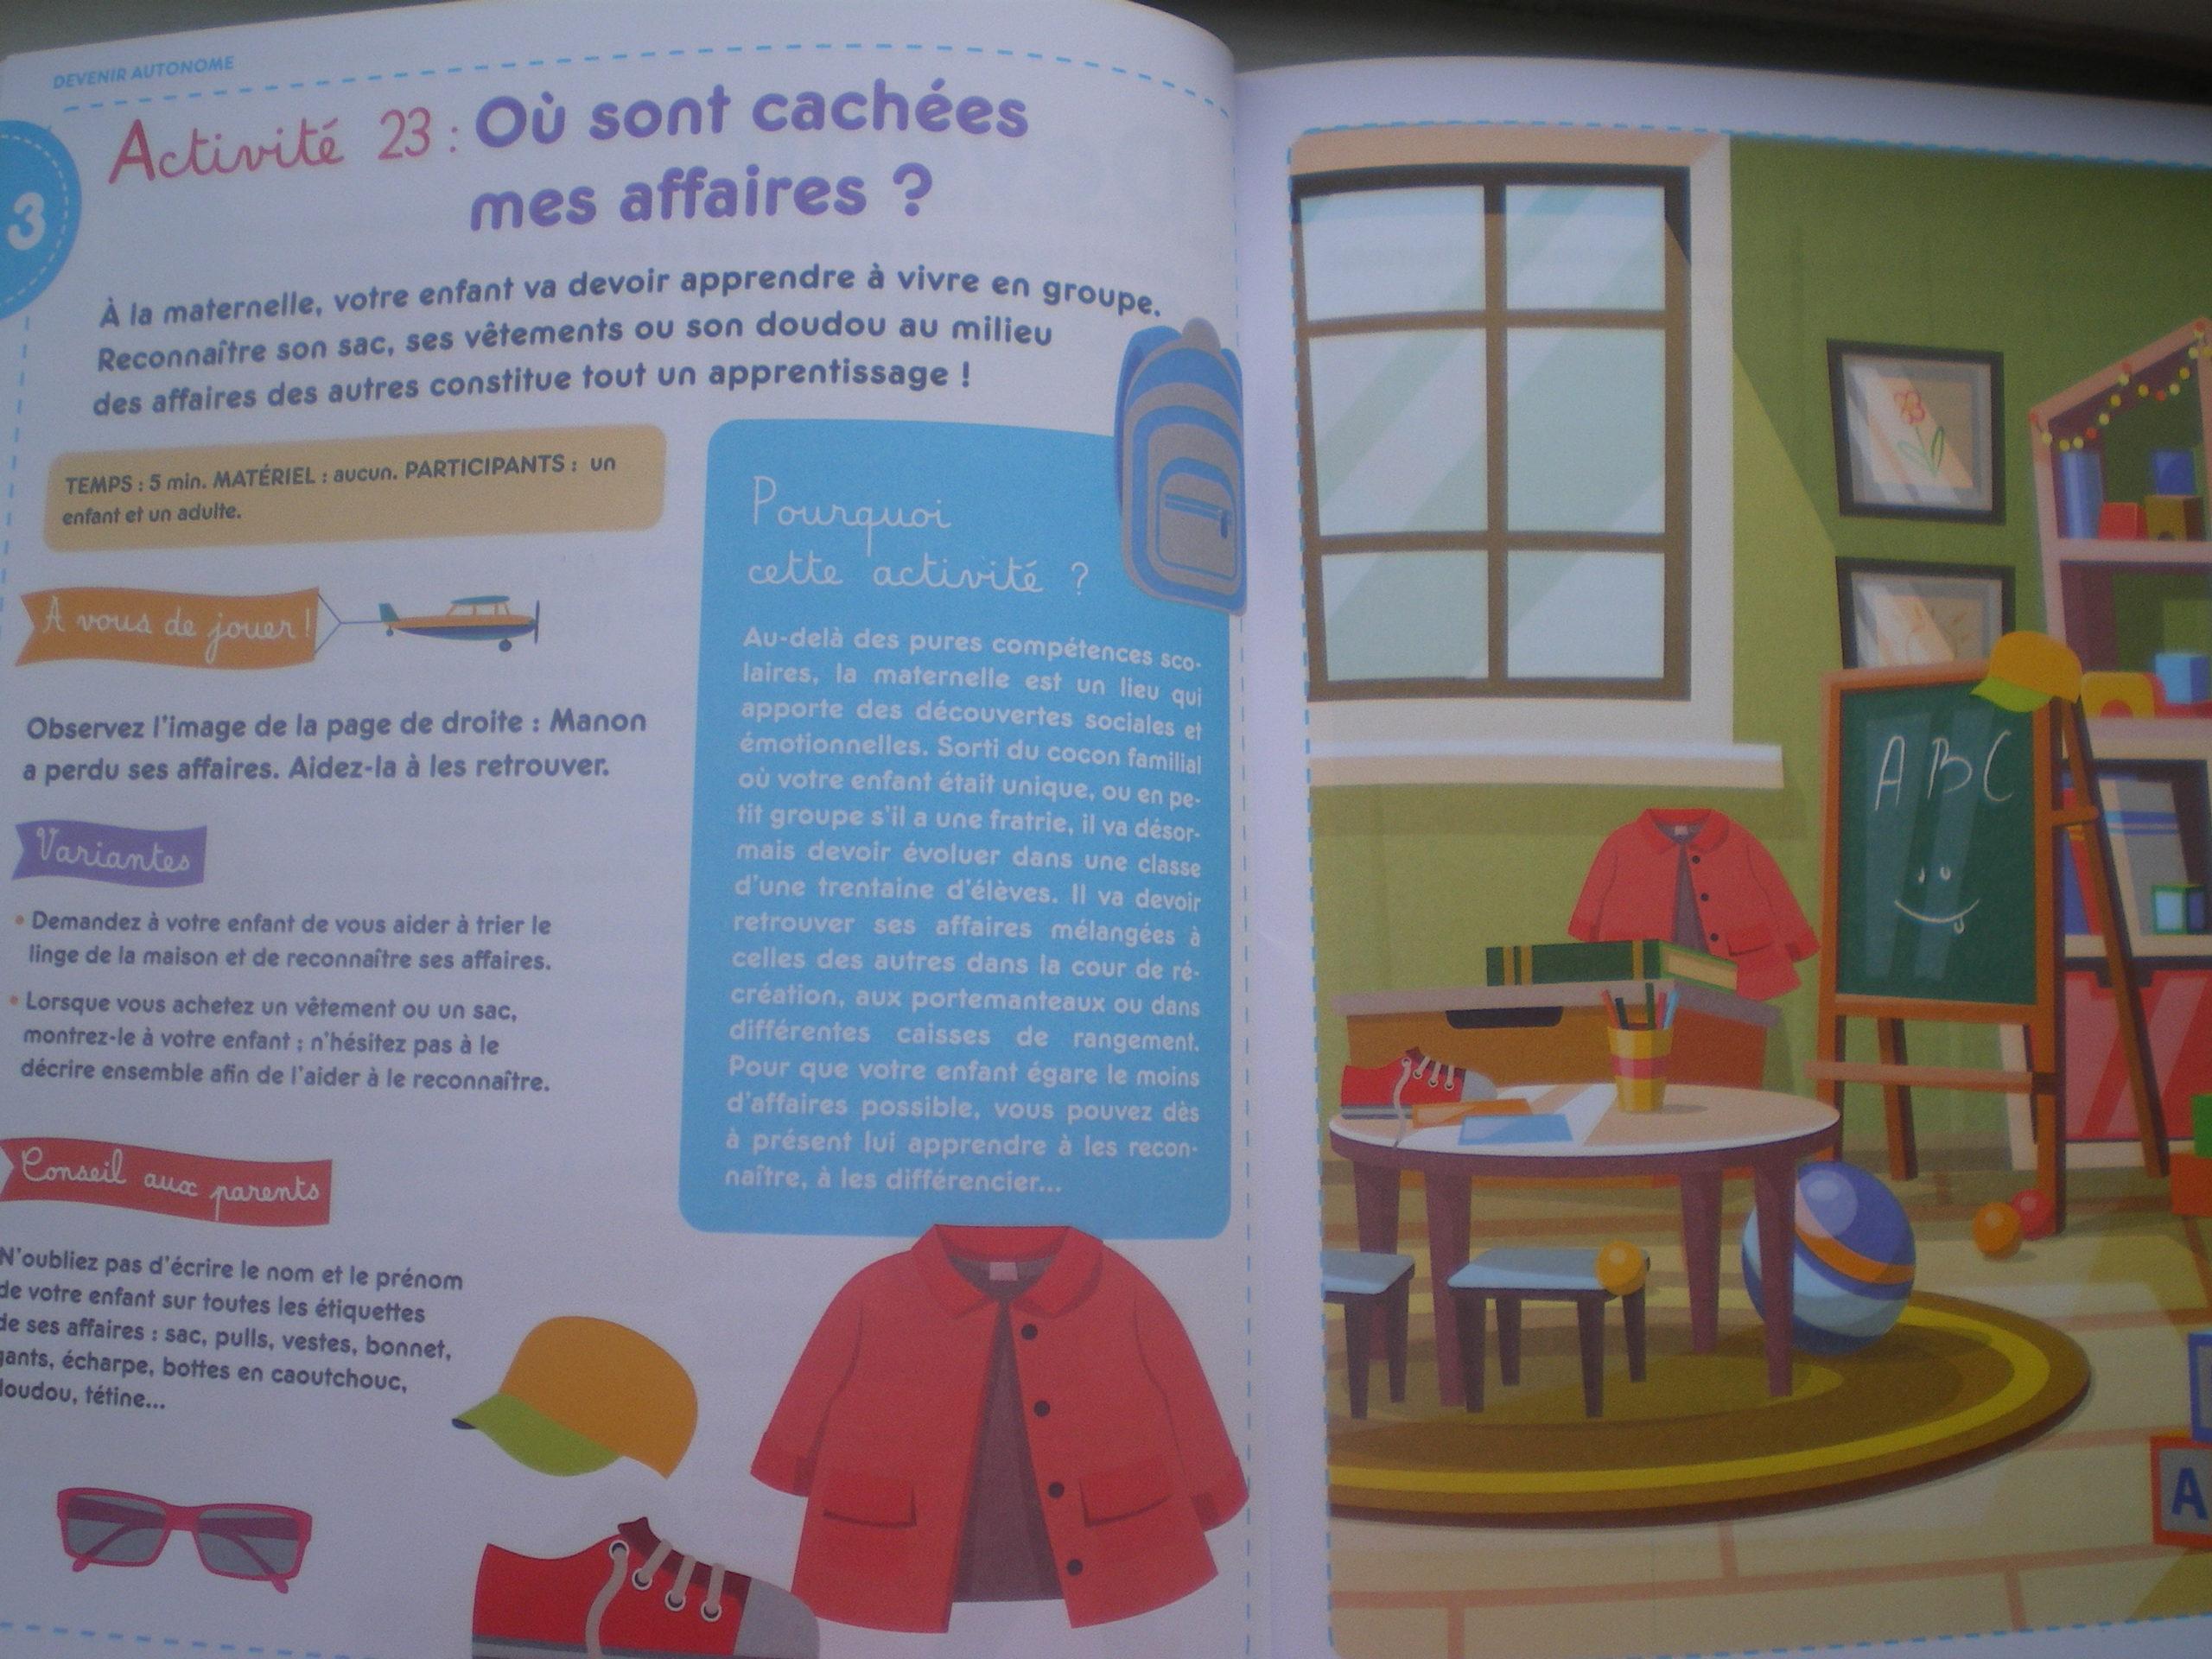 activités enfants préparer entrée école maternelle